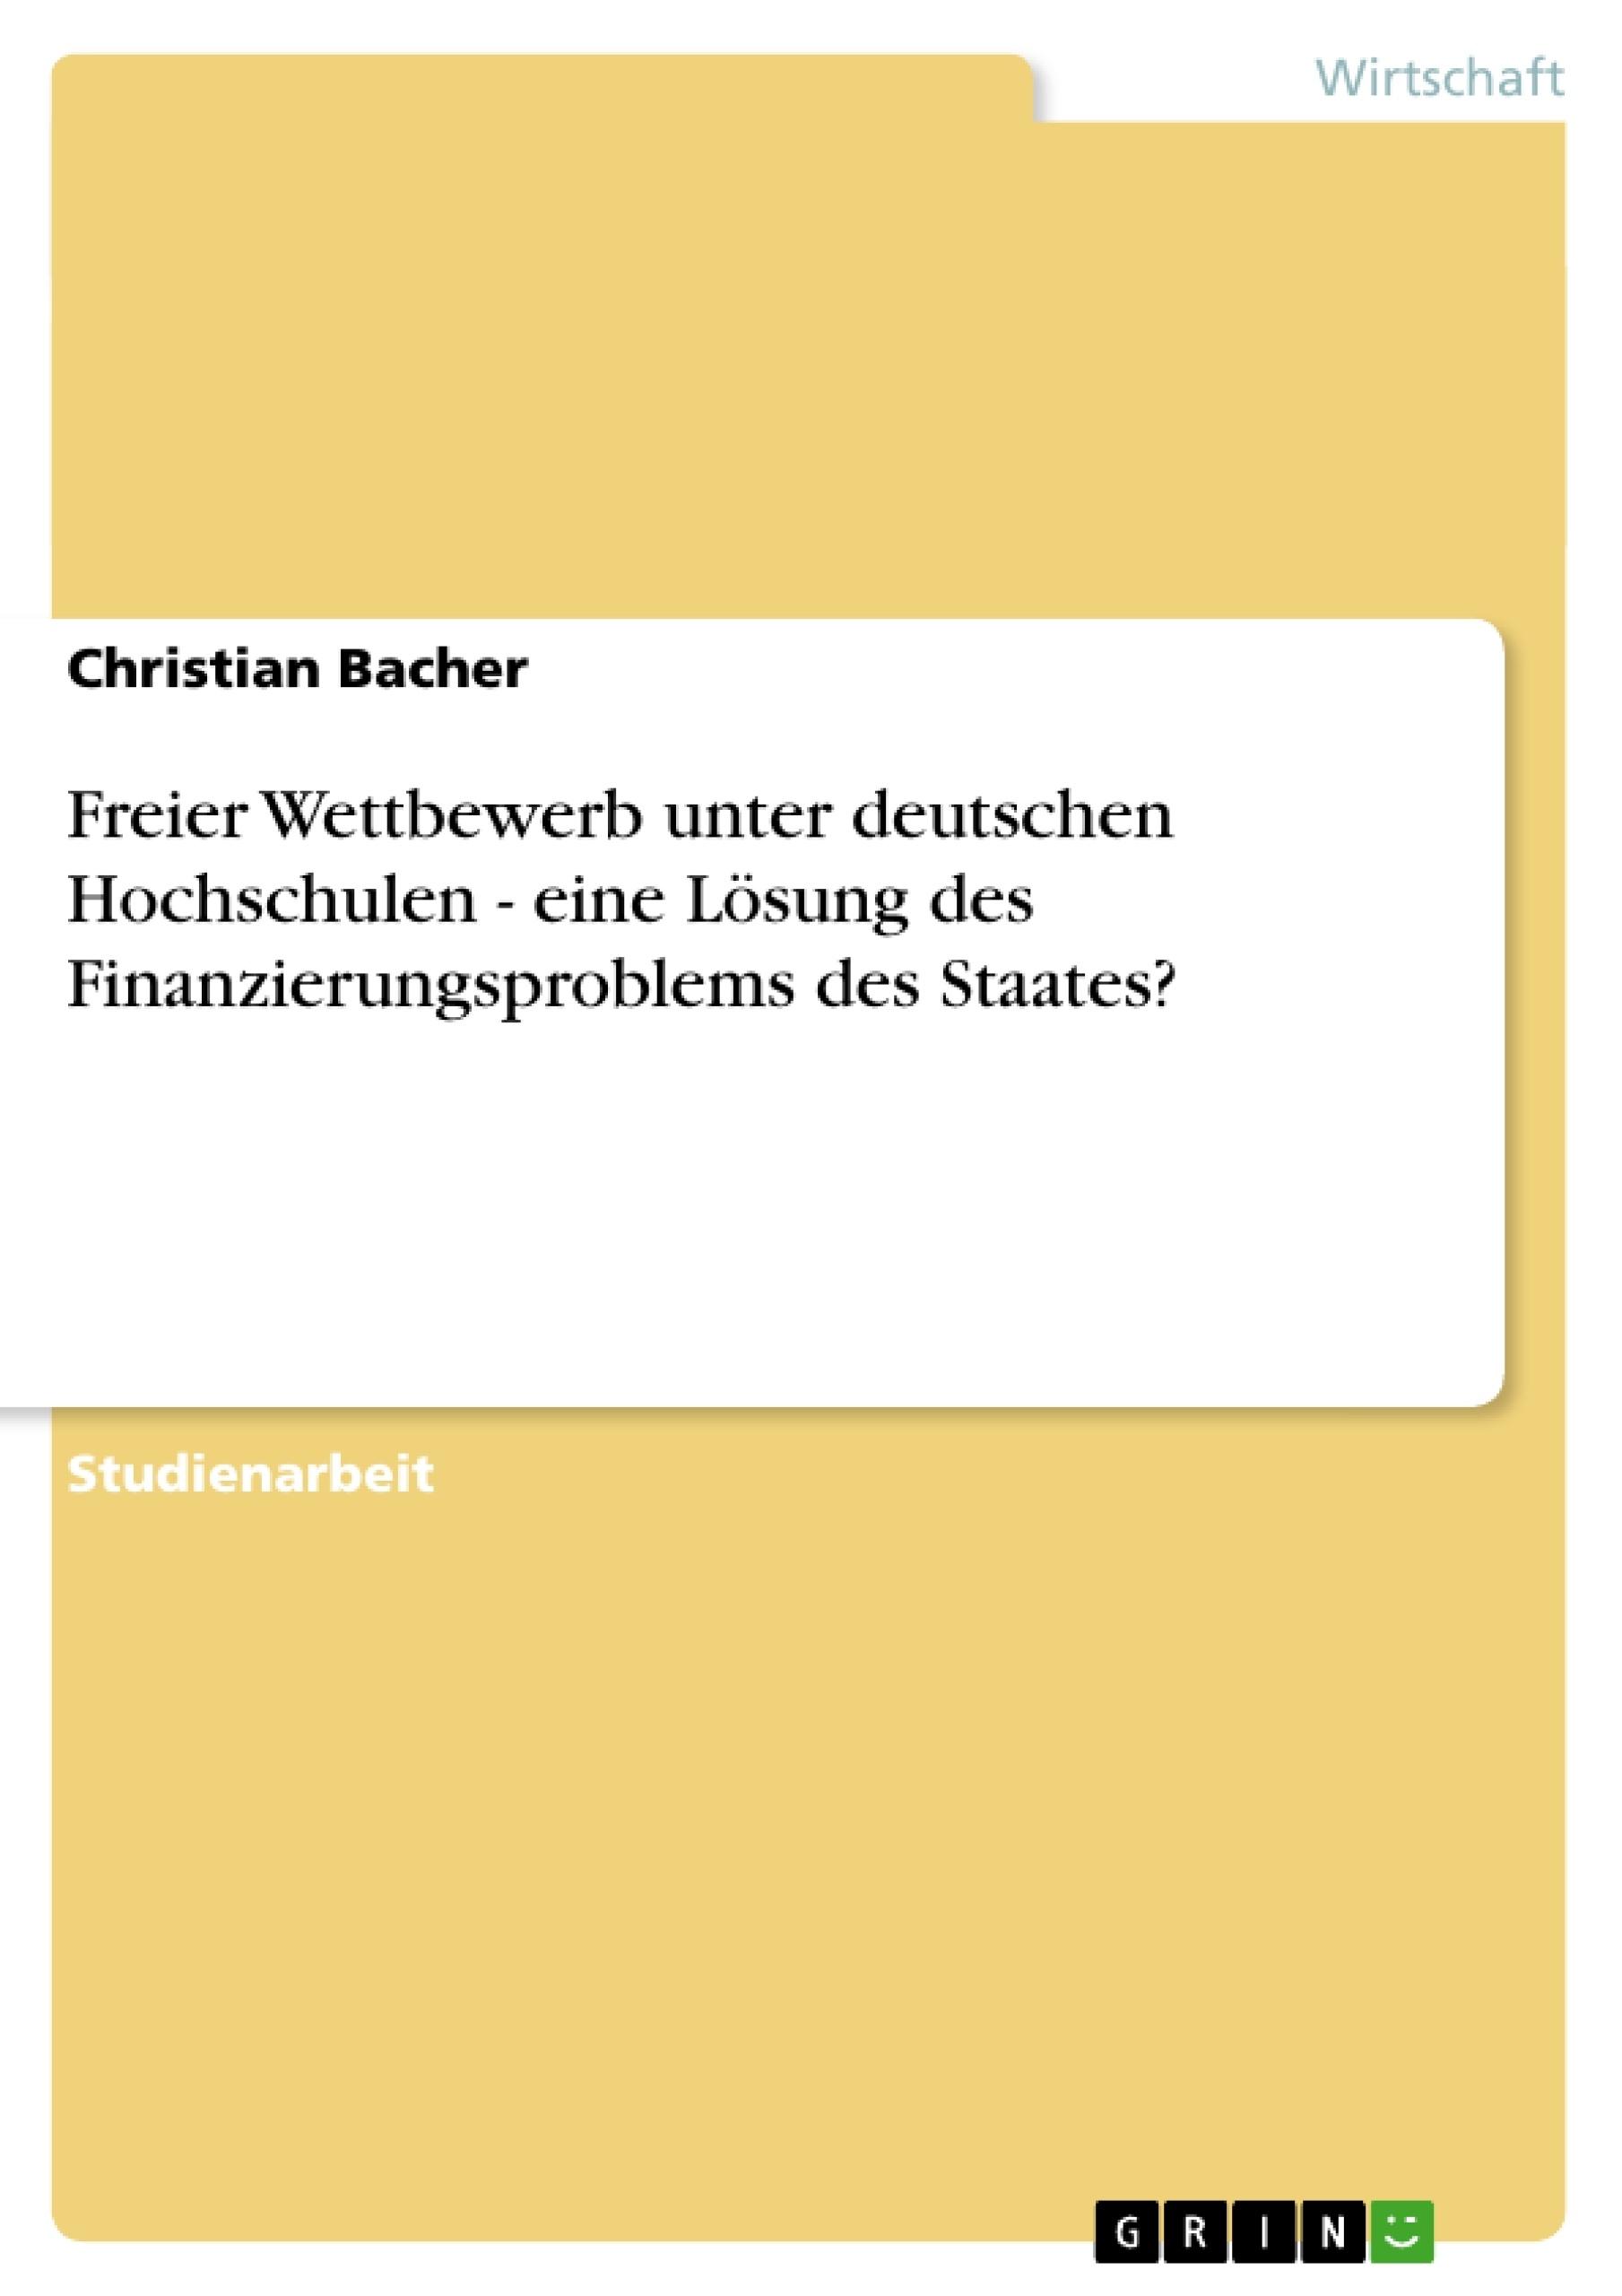 Titel: Freier Wettbewerb unter deutschen Hochschulen - eine Lösung des Finanzierungsproblems des Staates?